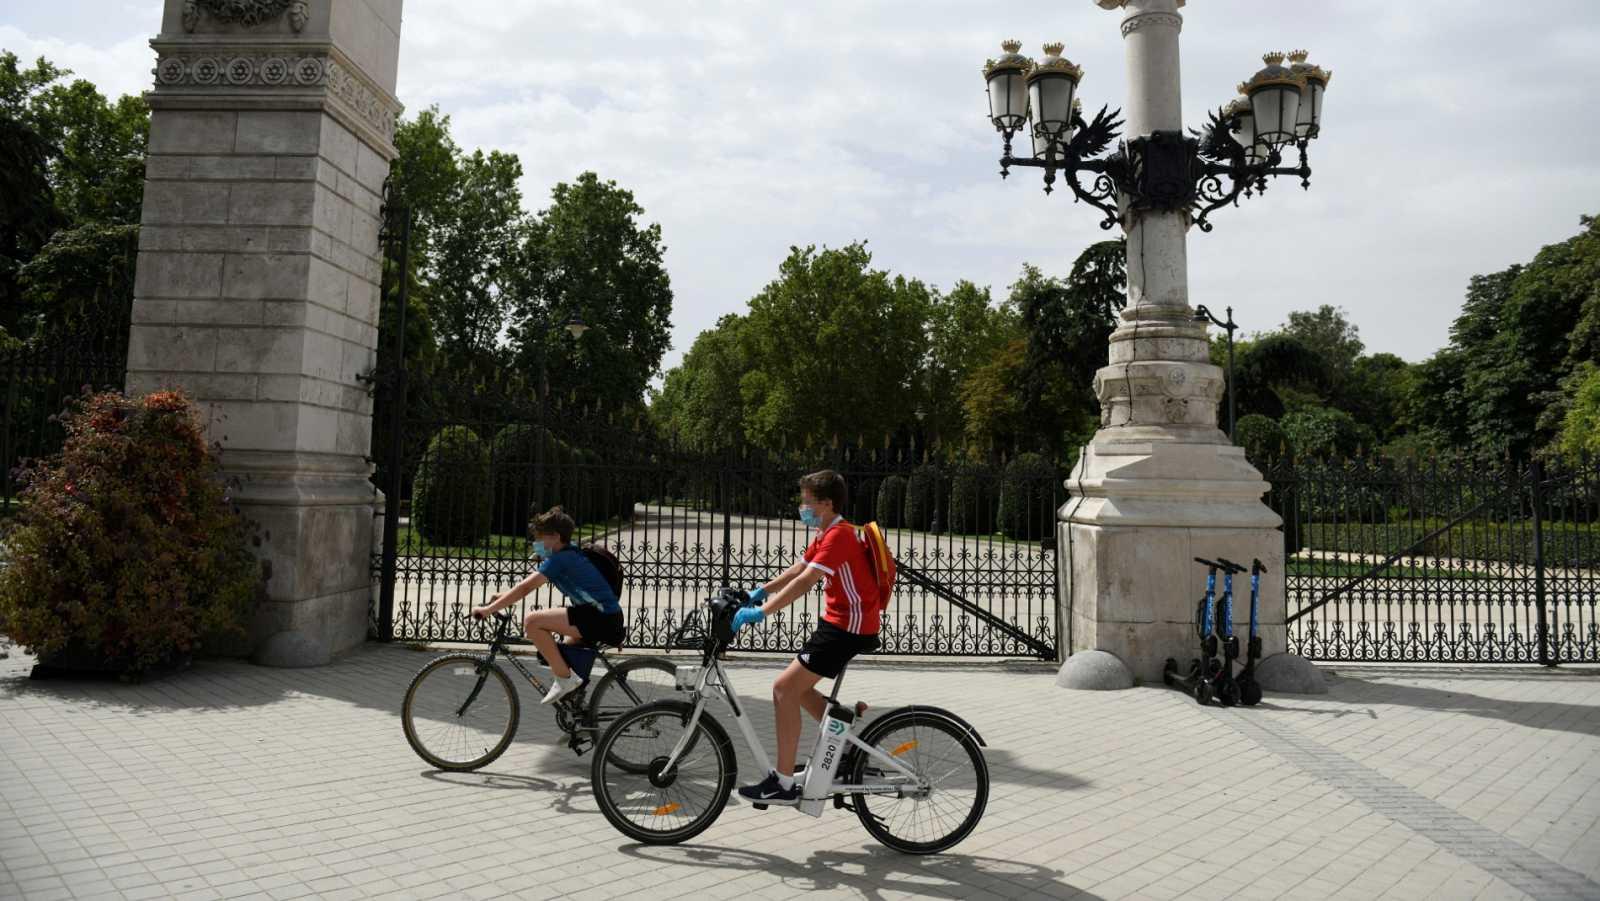 Dos jóvenes montan en bici en el exterior del parque del Retiro en Madrid